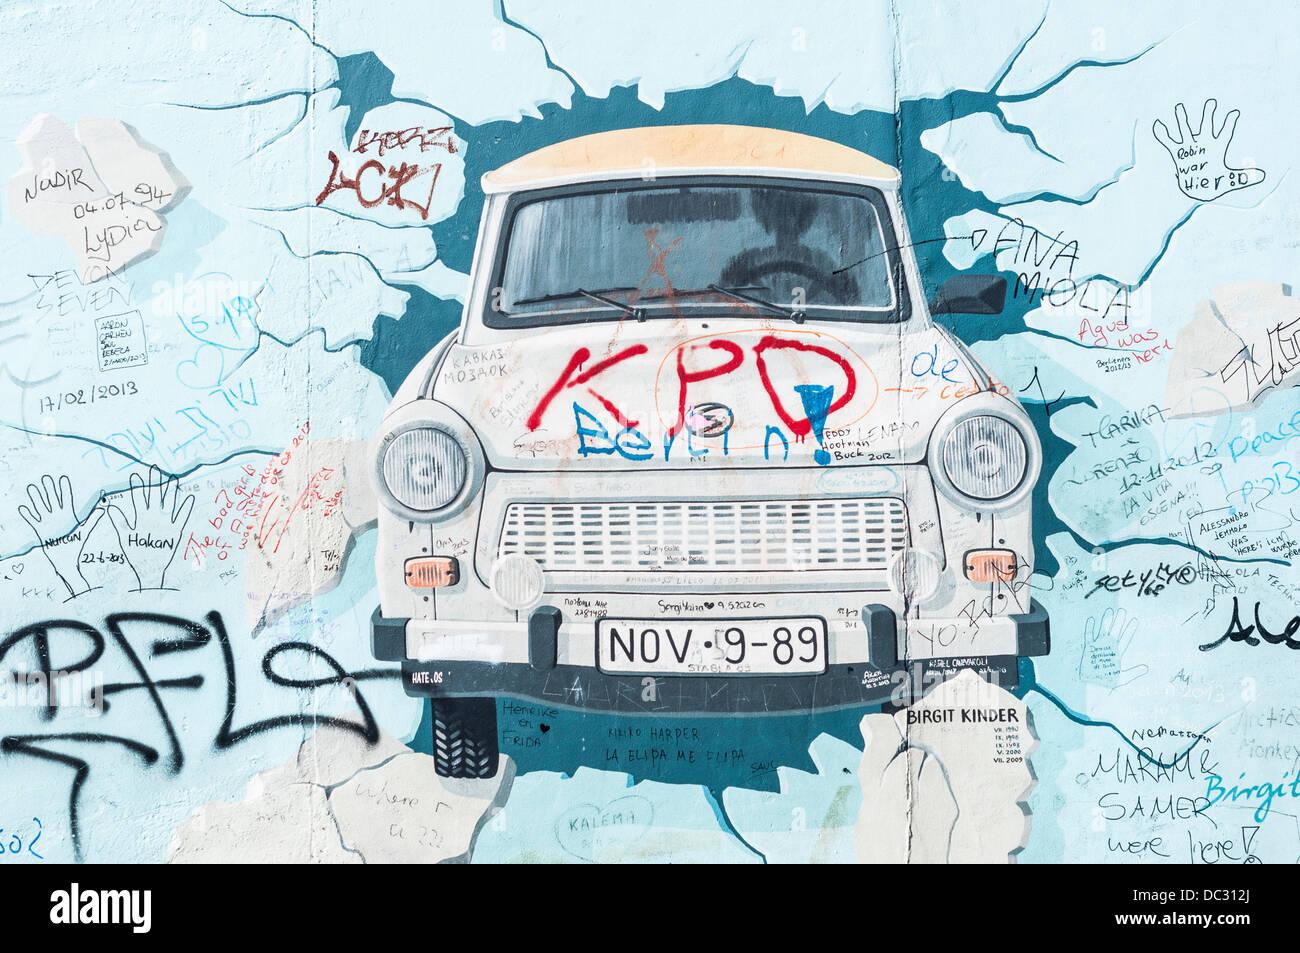 East Side Gallery Teil Der Berliner Mauer Mit Graffiti Streetart